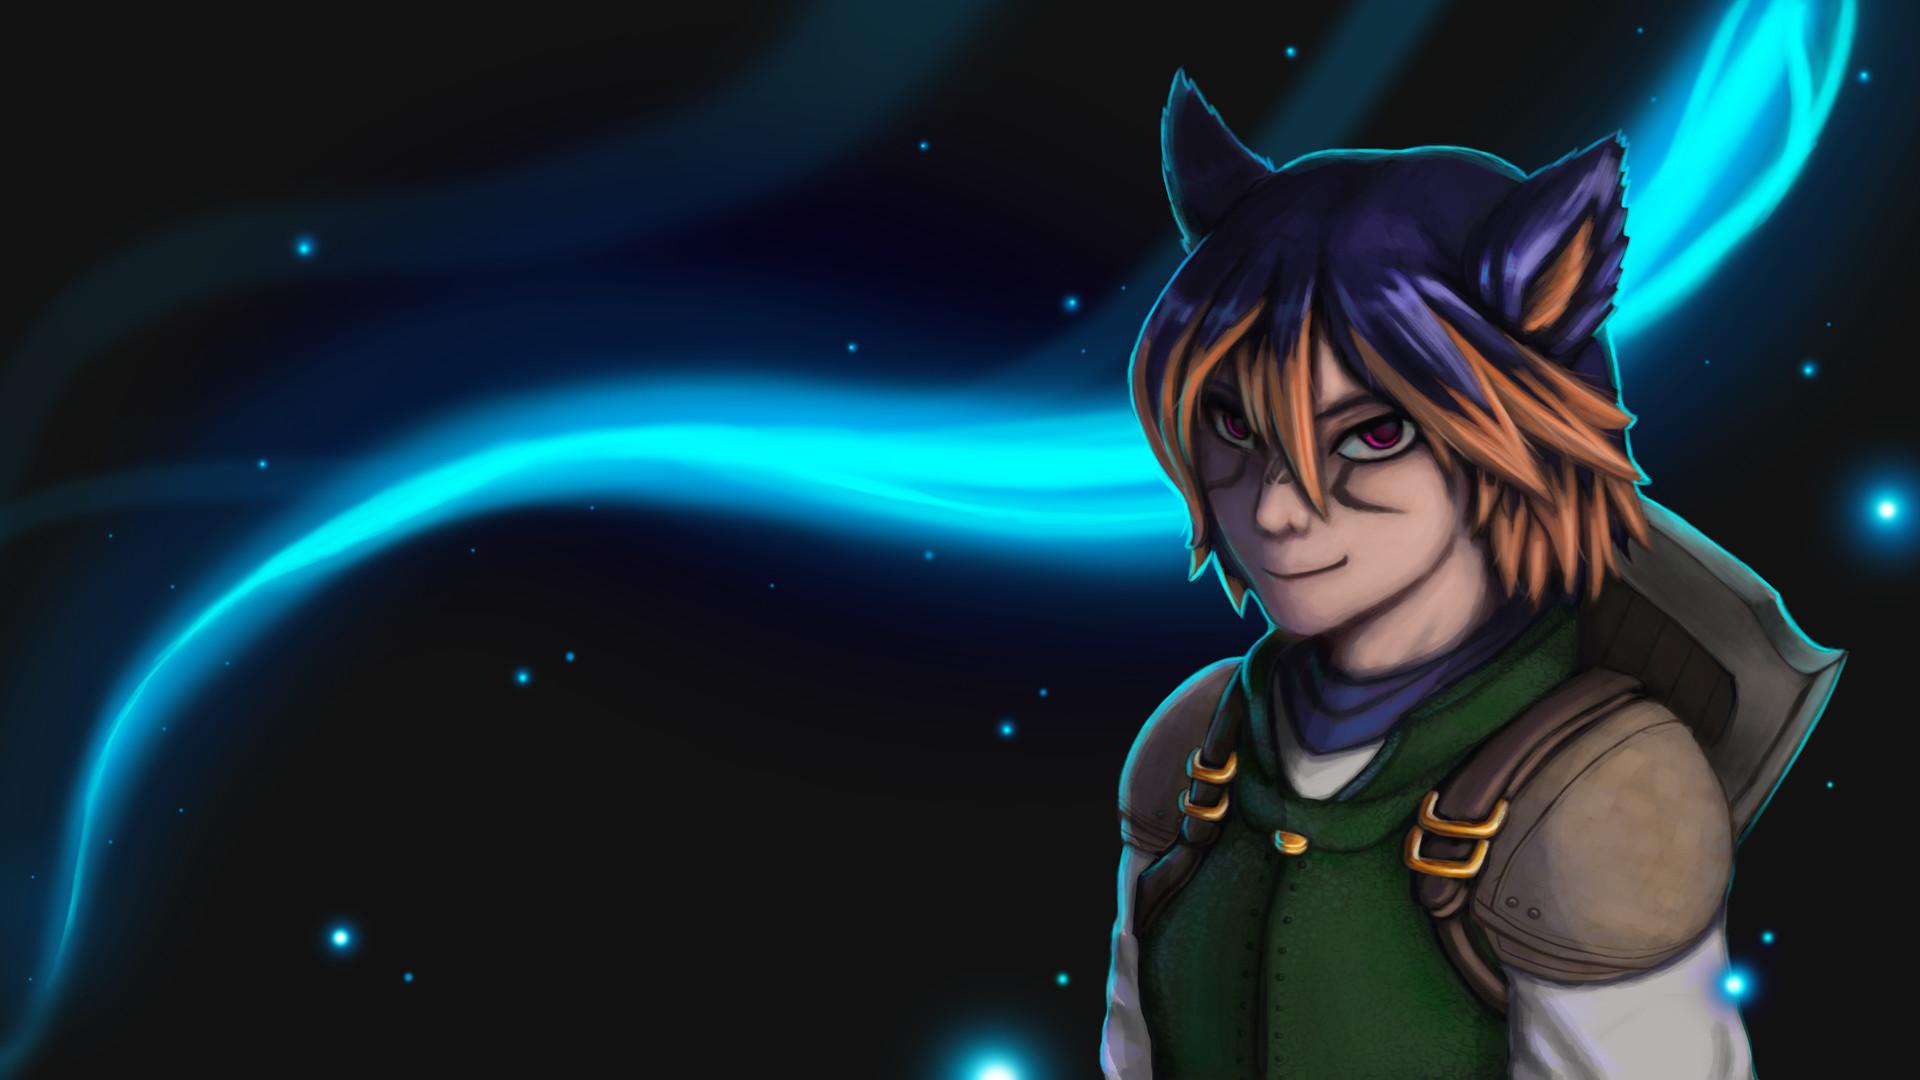 Kaitlyn O'Connor - Final Fantasy XIV Fanart